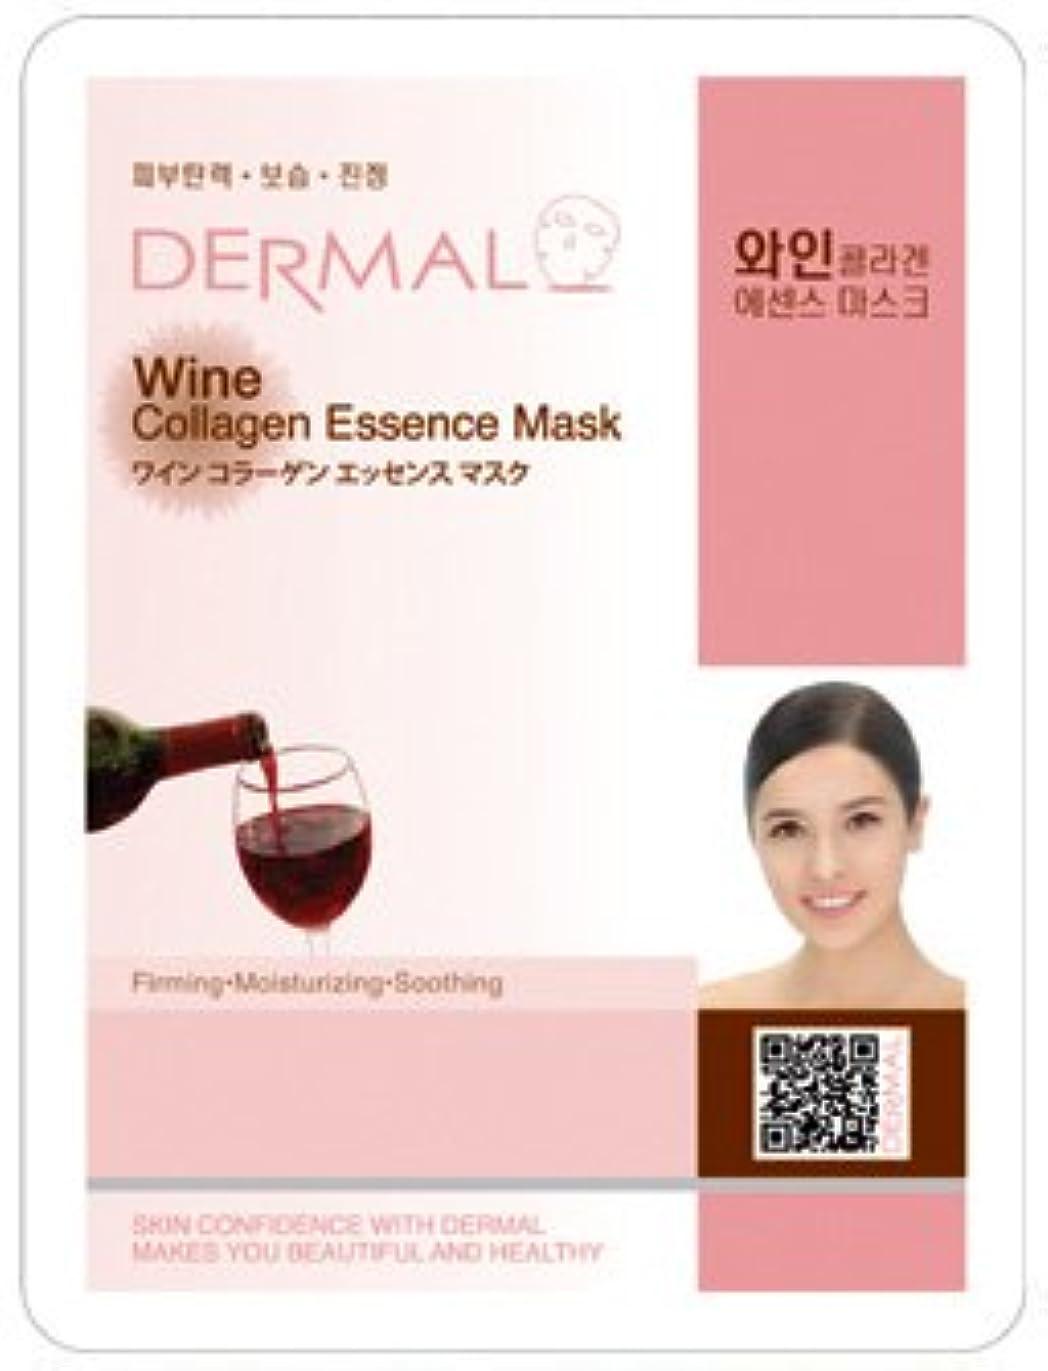 ふつう補充くつろぎシート マスク ワイン ダーマル Dermal 23g (10枚セット) フェイス パック